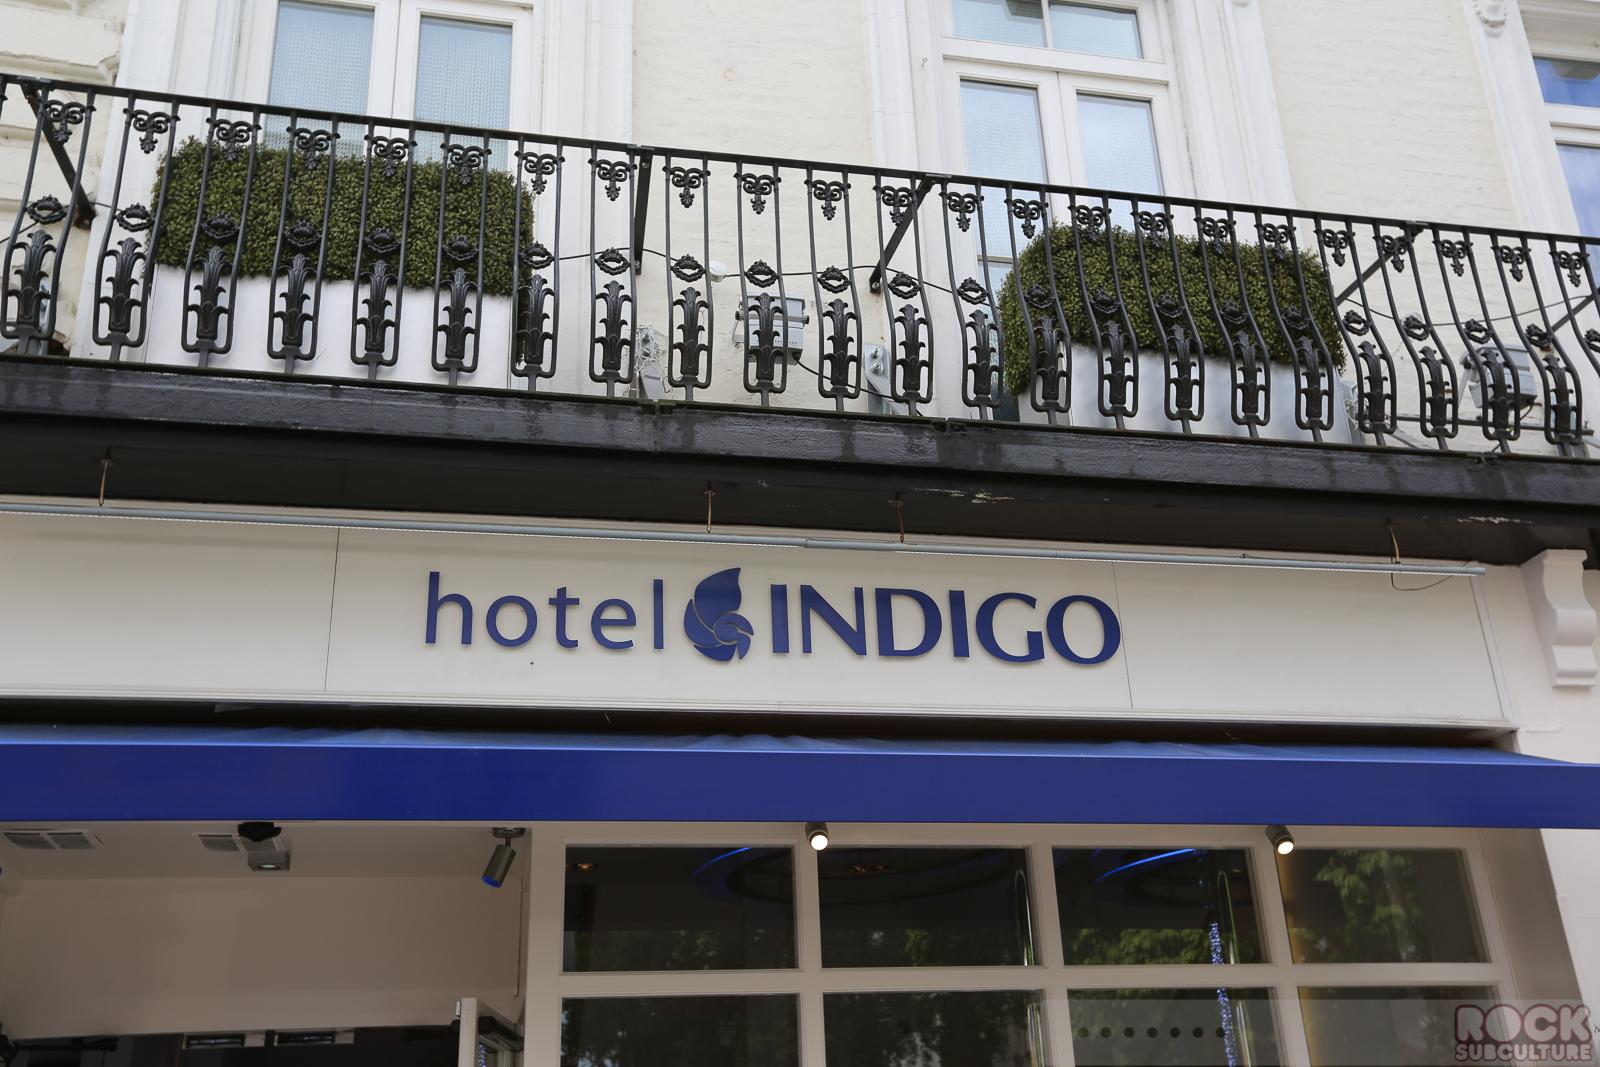 Hotel Indigo London Paddington England Uk Review